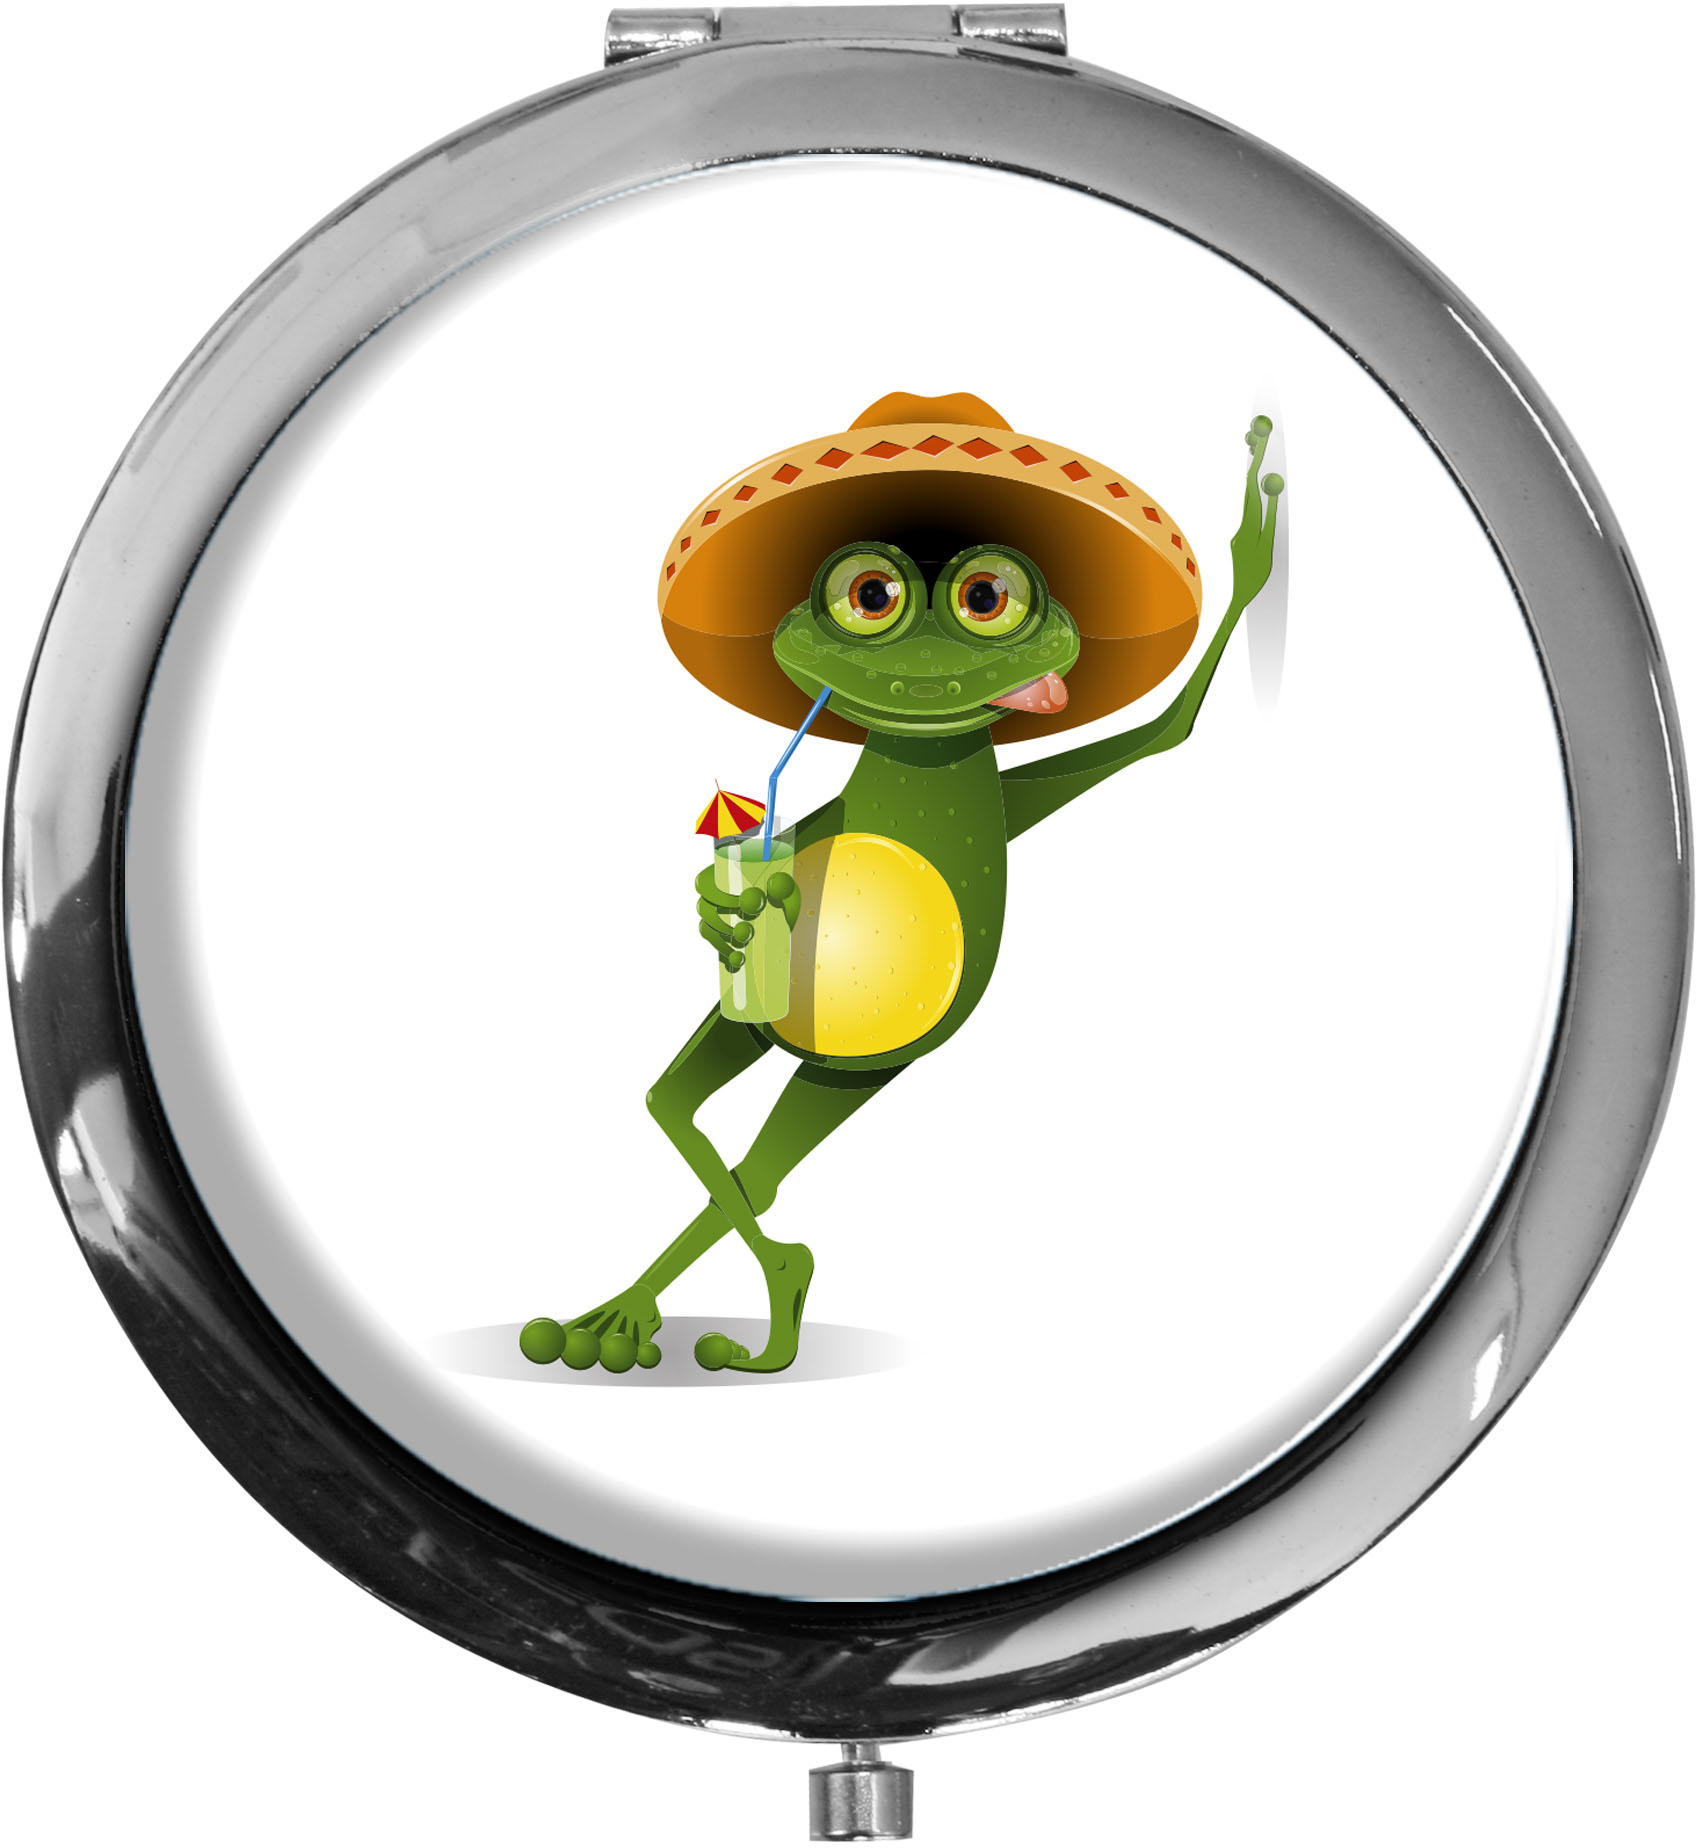 Taschenspiegel / Spiegel / Frosch